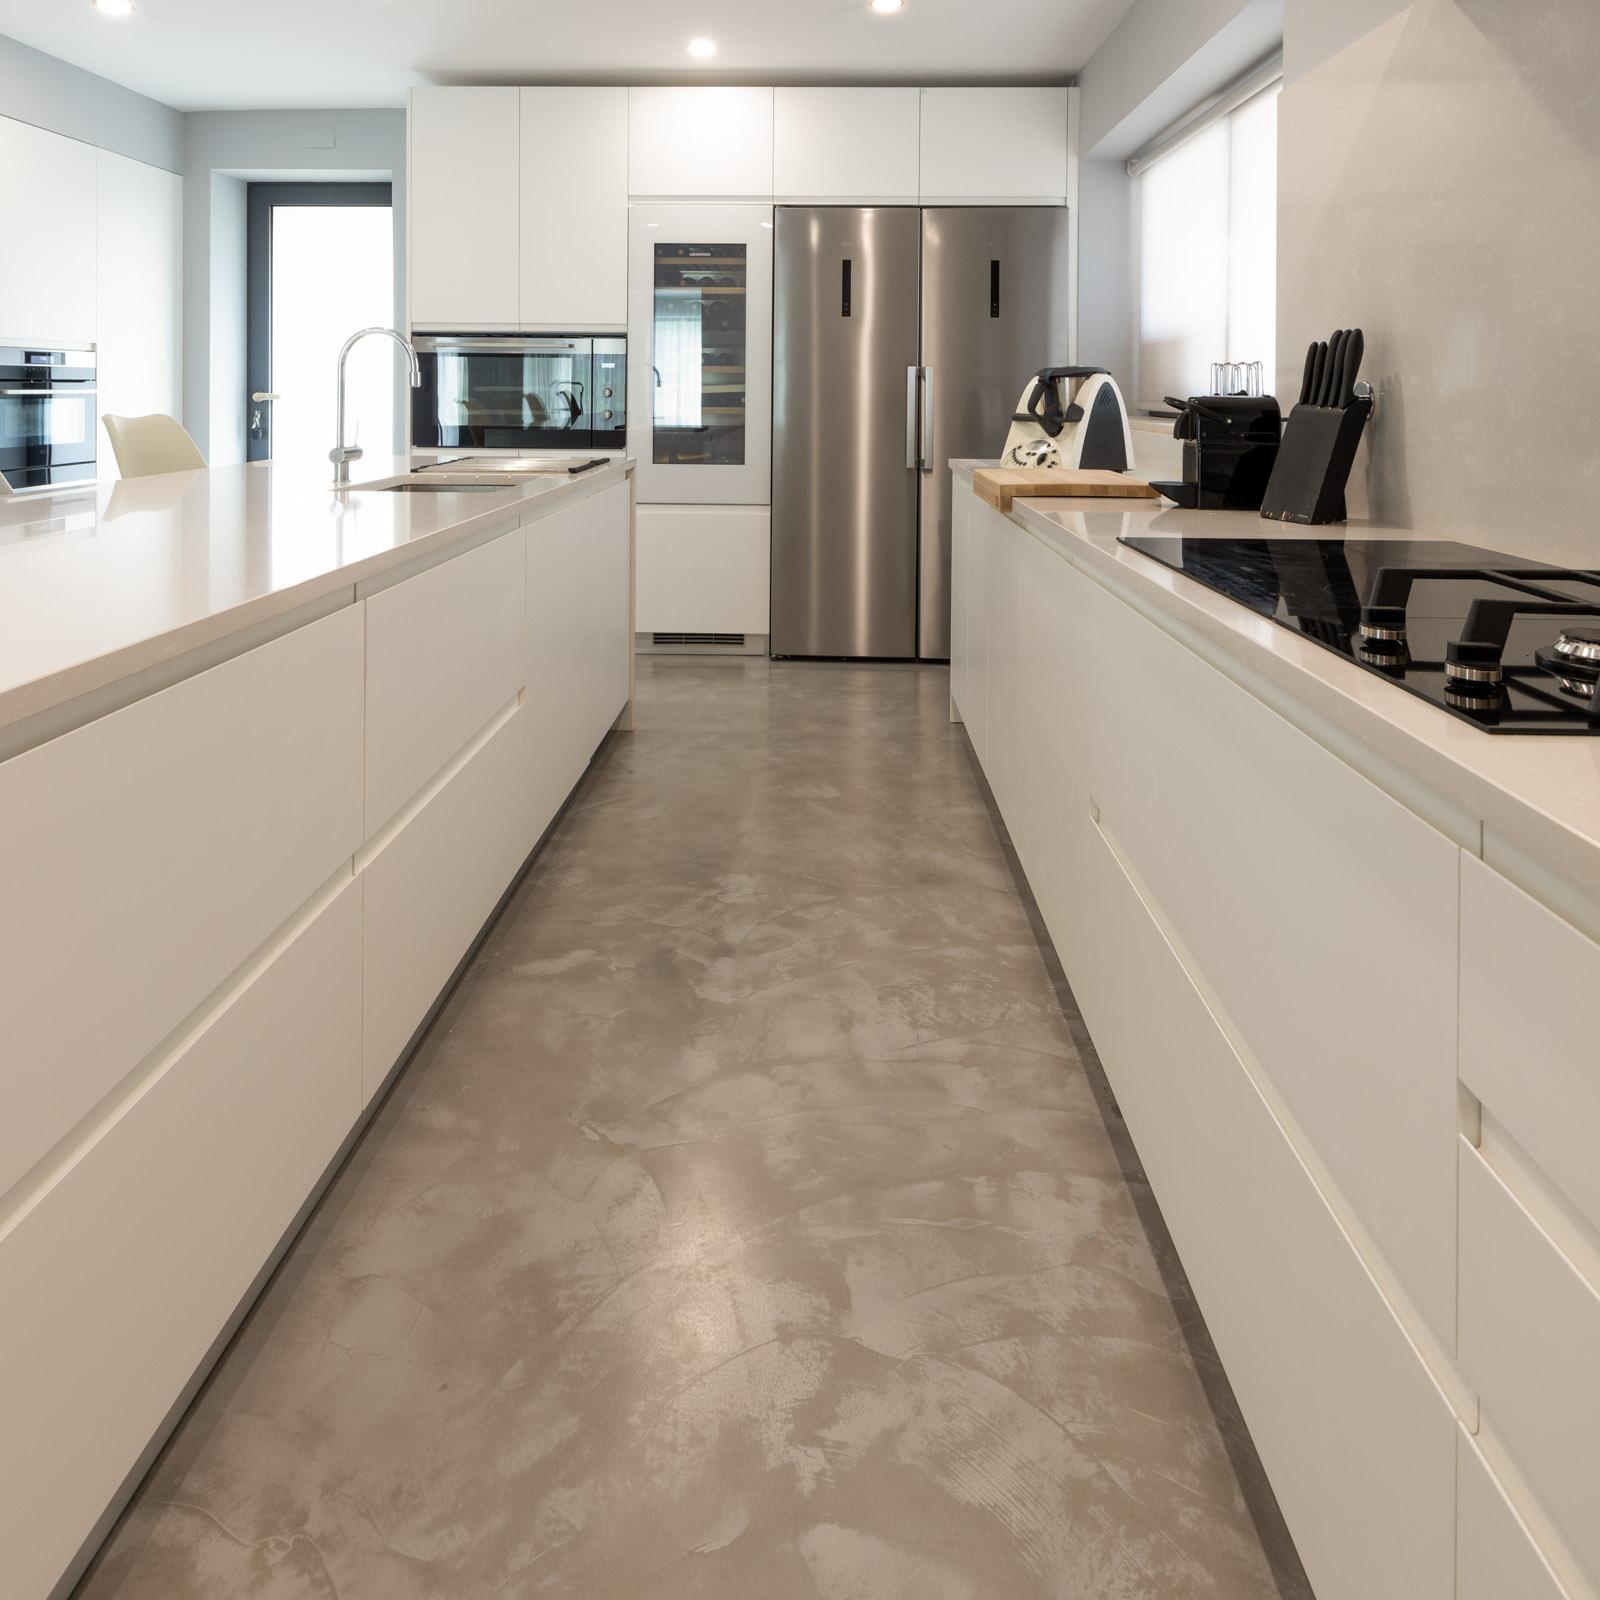 Cozinha moderna com ilha, com frentes em lacado branco mate sem puxadores, com bancada e forro de parede em Silestone Yukon, Side by Side AEG, garrafeira Liebherr e forno de 90 cm